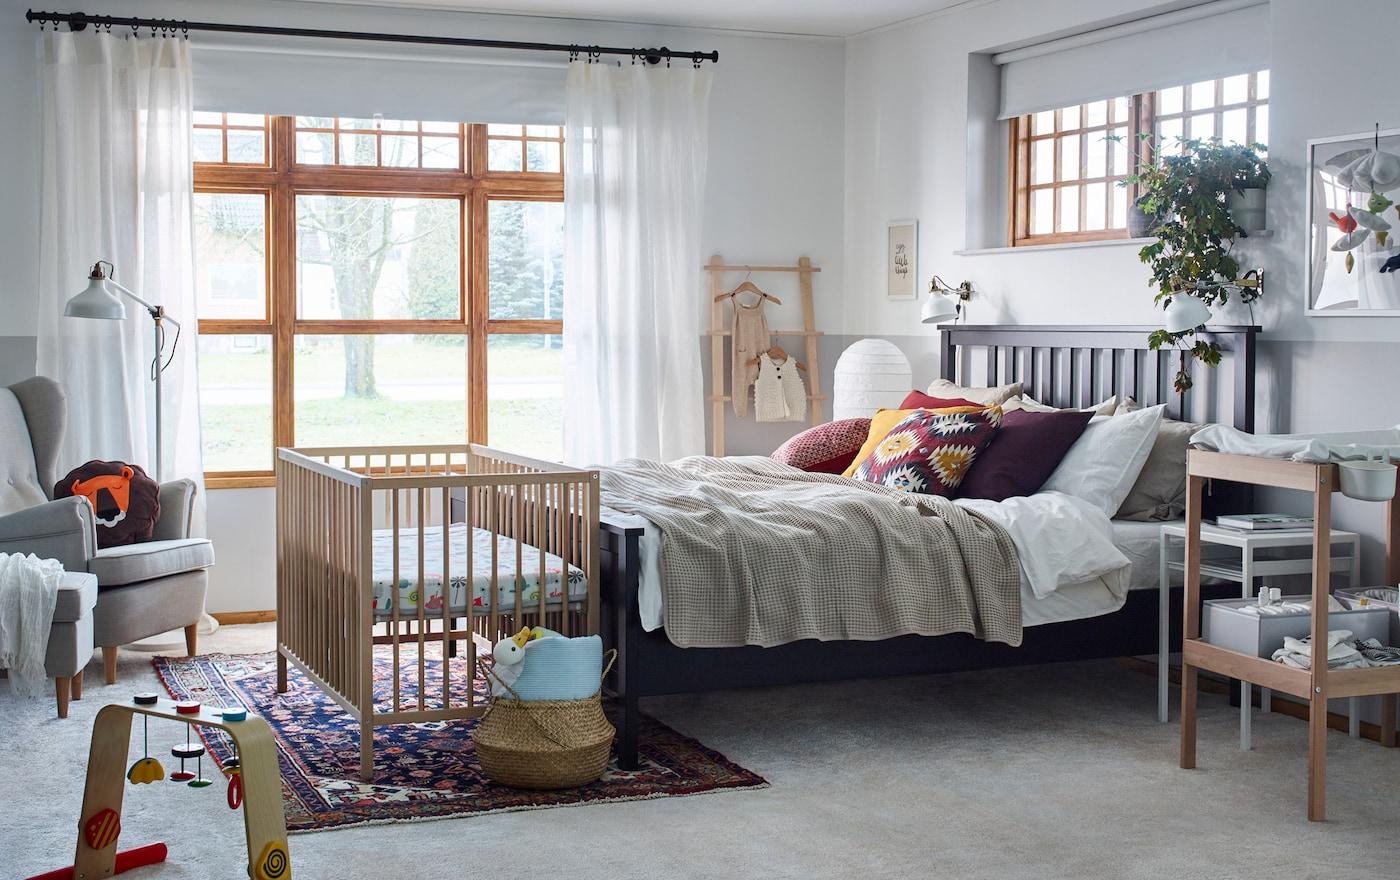 Chambre à coucher d'adulte en beige, brun, rouge et jaune avec petit lit et table à langer SNIGLAR en hêtre et blanc.